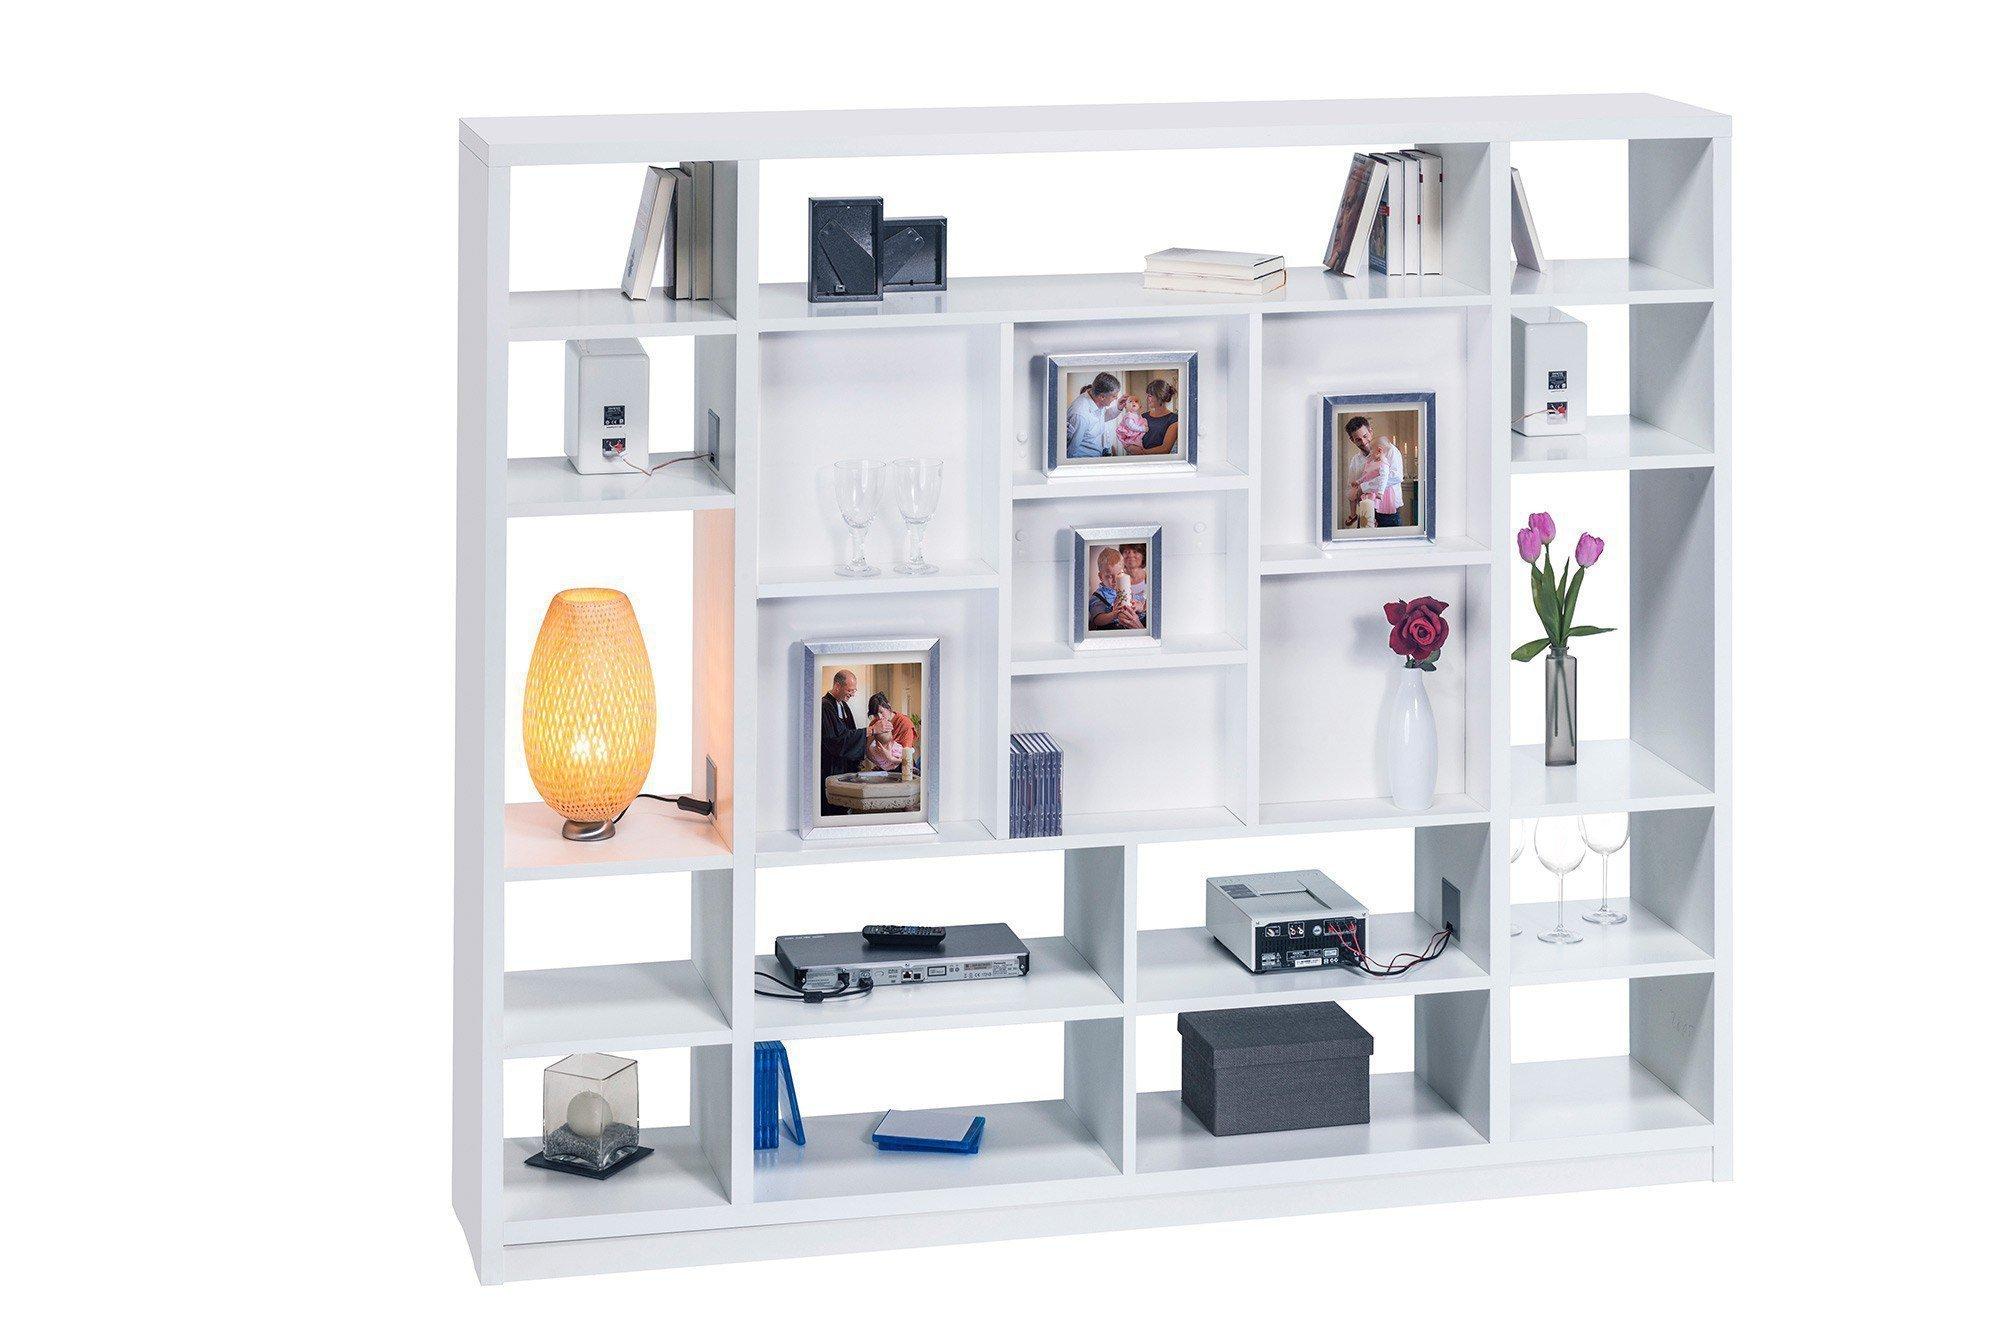 maja m bel raumteiler cableboard 6022 wei e oberfl che m bel letz ihr online shop. Black Bedroom Furniture Sets. Home Design Ideas